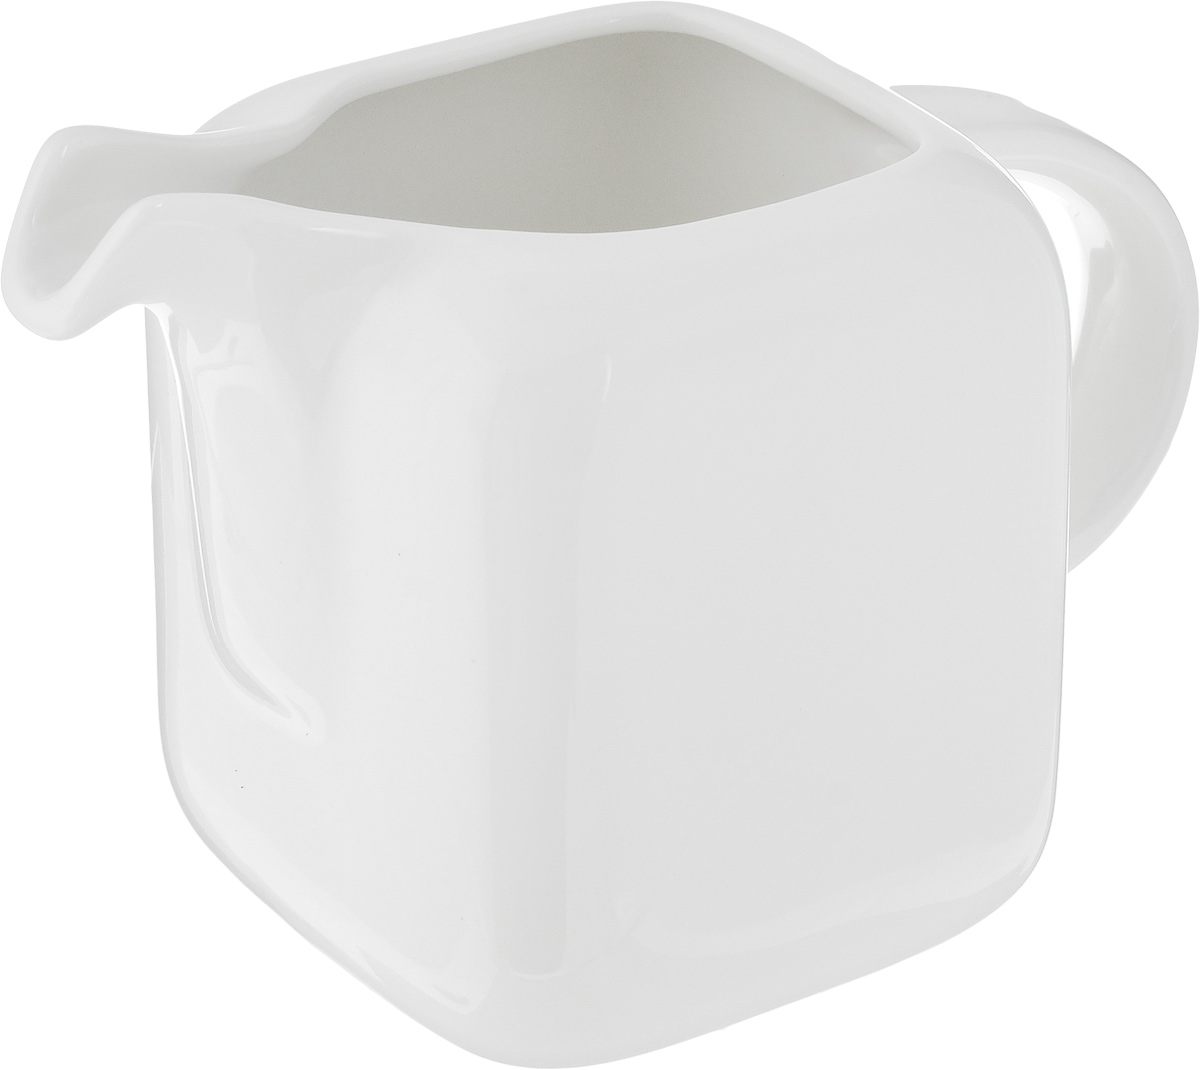 """Молочник Ariane """"Vital Square"""" изготовлен из высококачественного фарфора с глазурованным покрытием. Изделие предназначено для сервировки сливок или молока. Такой молочник отлично подойдет как для праздничного чаепития, так и для повседневного использования. Изделие функциональное, практичное и легкое в уходе. Можно мыть в посудомоечной машине и использовать в СВЧ.Размер молочника (по верхнему краю): 5 х 5 см.Диаметр основания: 8 см.Высота: 10 см."""